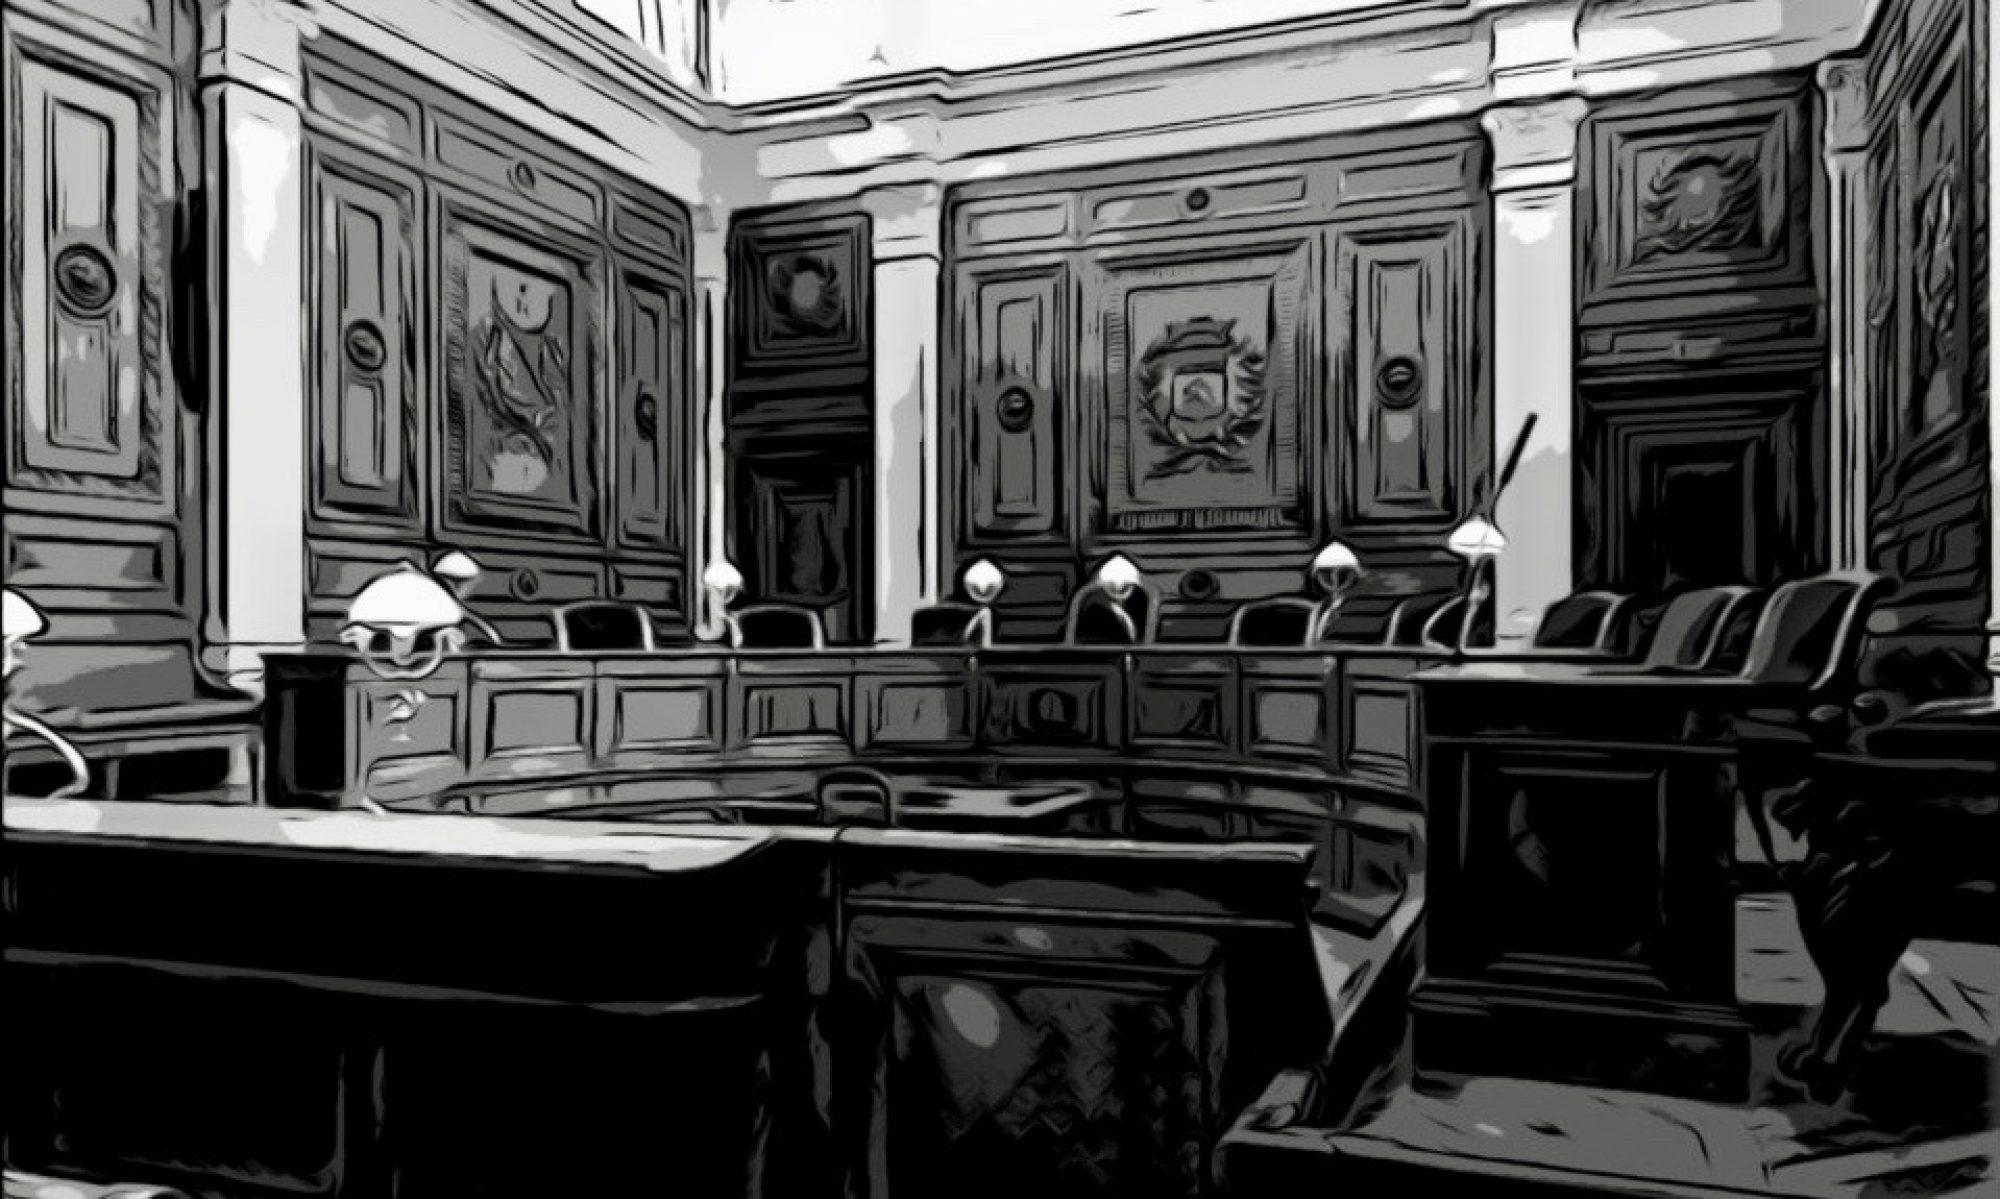 La Justice racontée